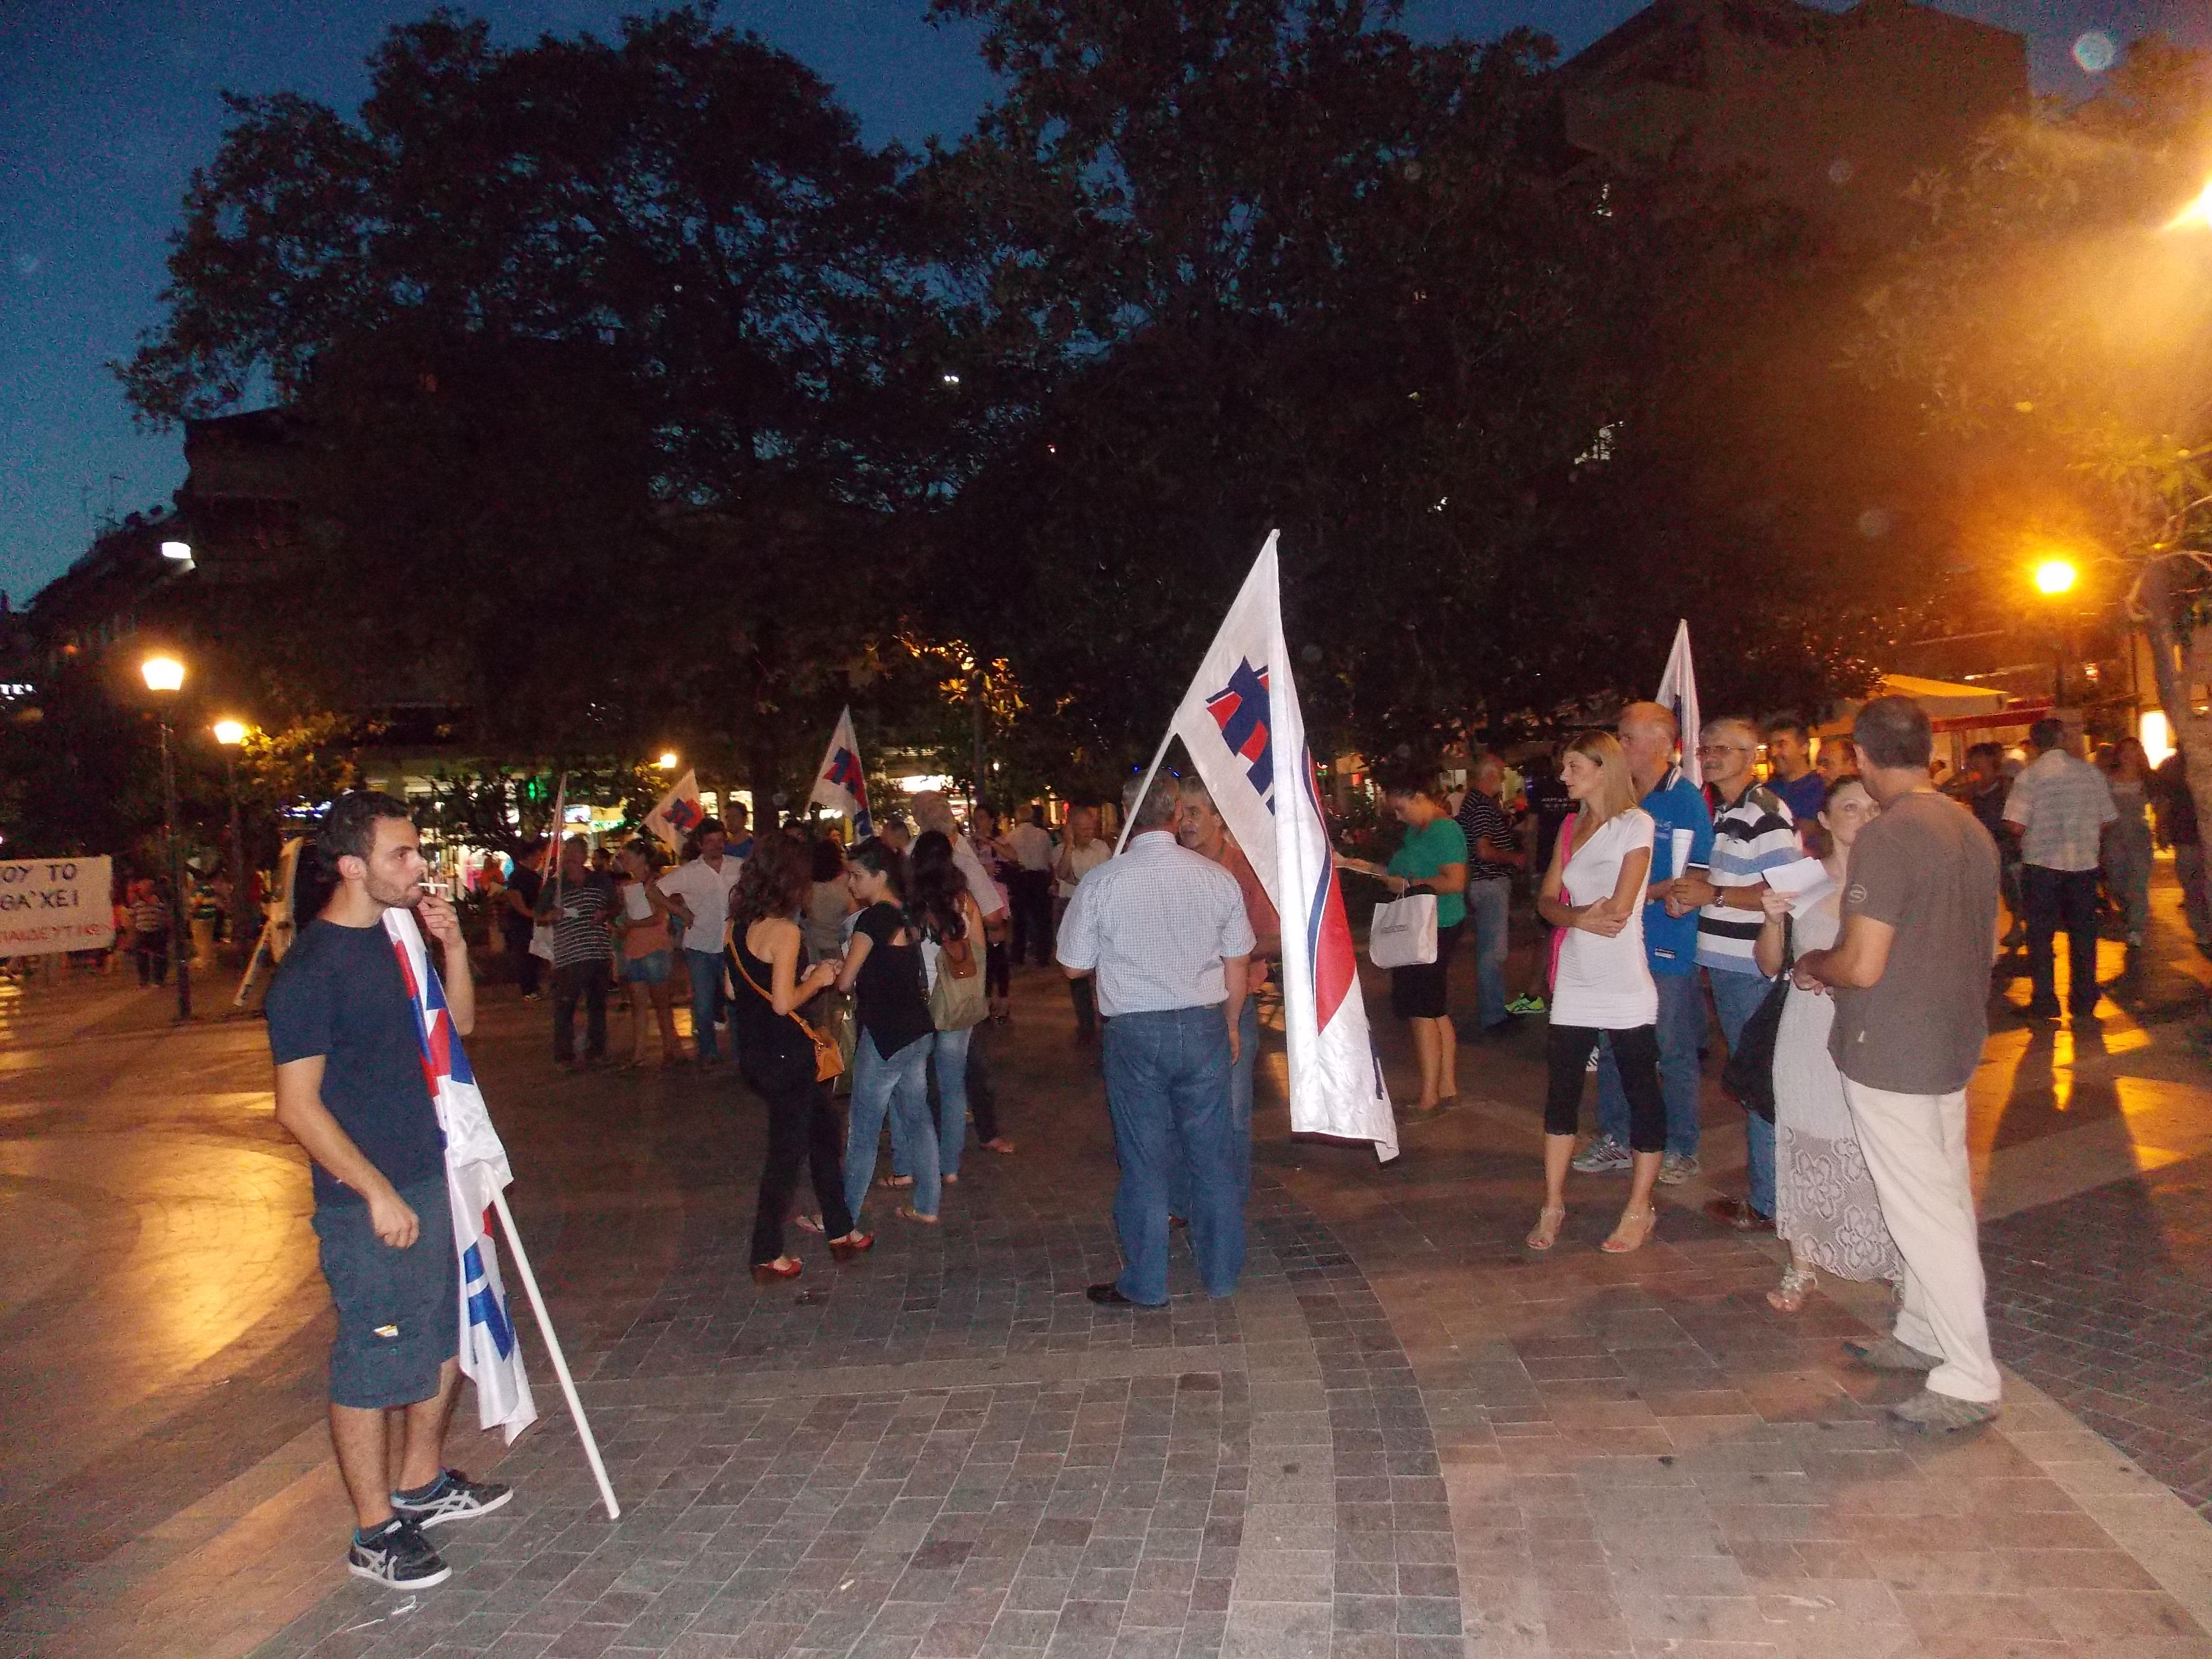 Συλλαλητήριο του ΠΑΜΕ ενάντια στο νομοσχέδιο για το Λύκειο